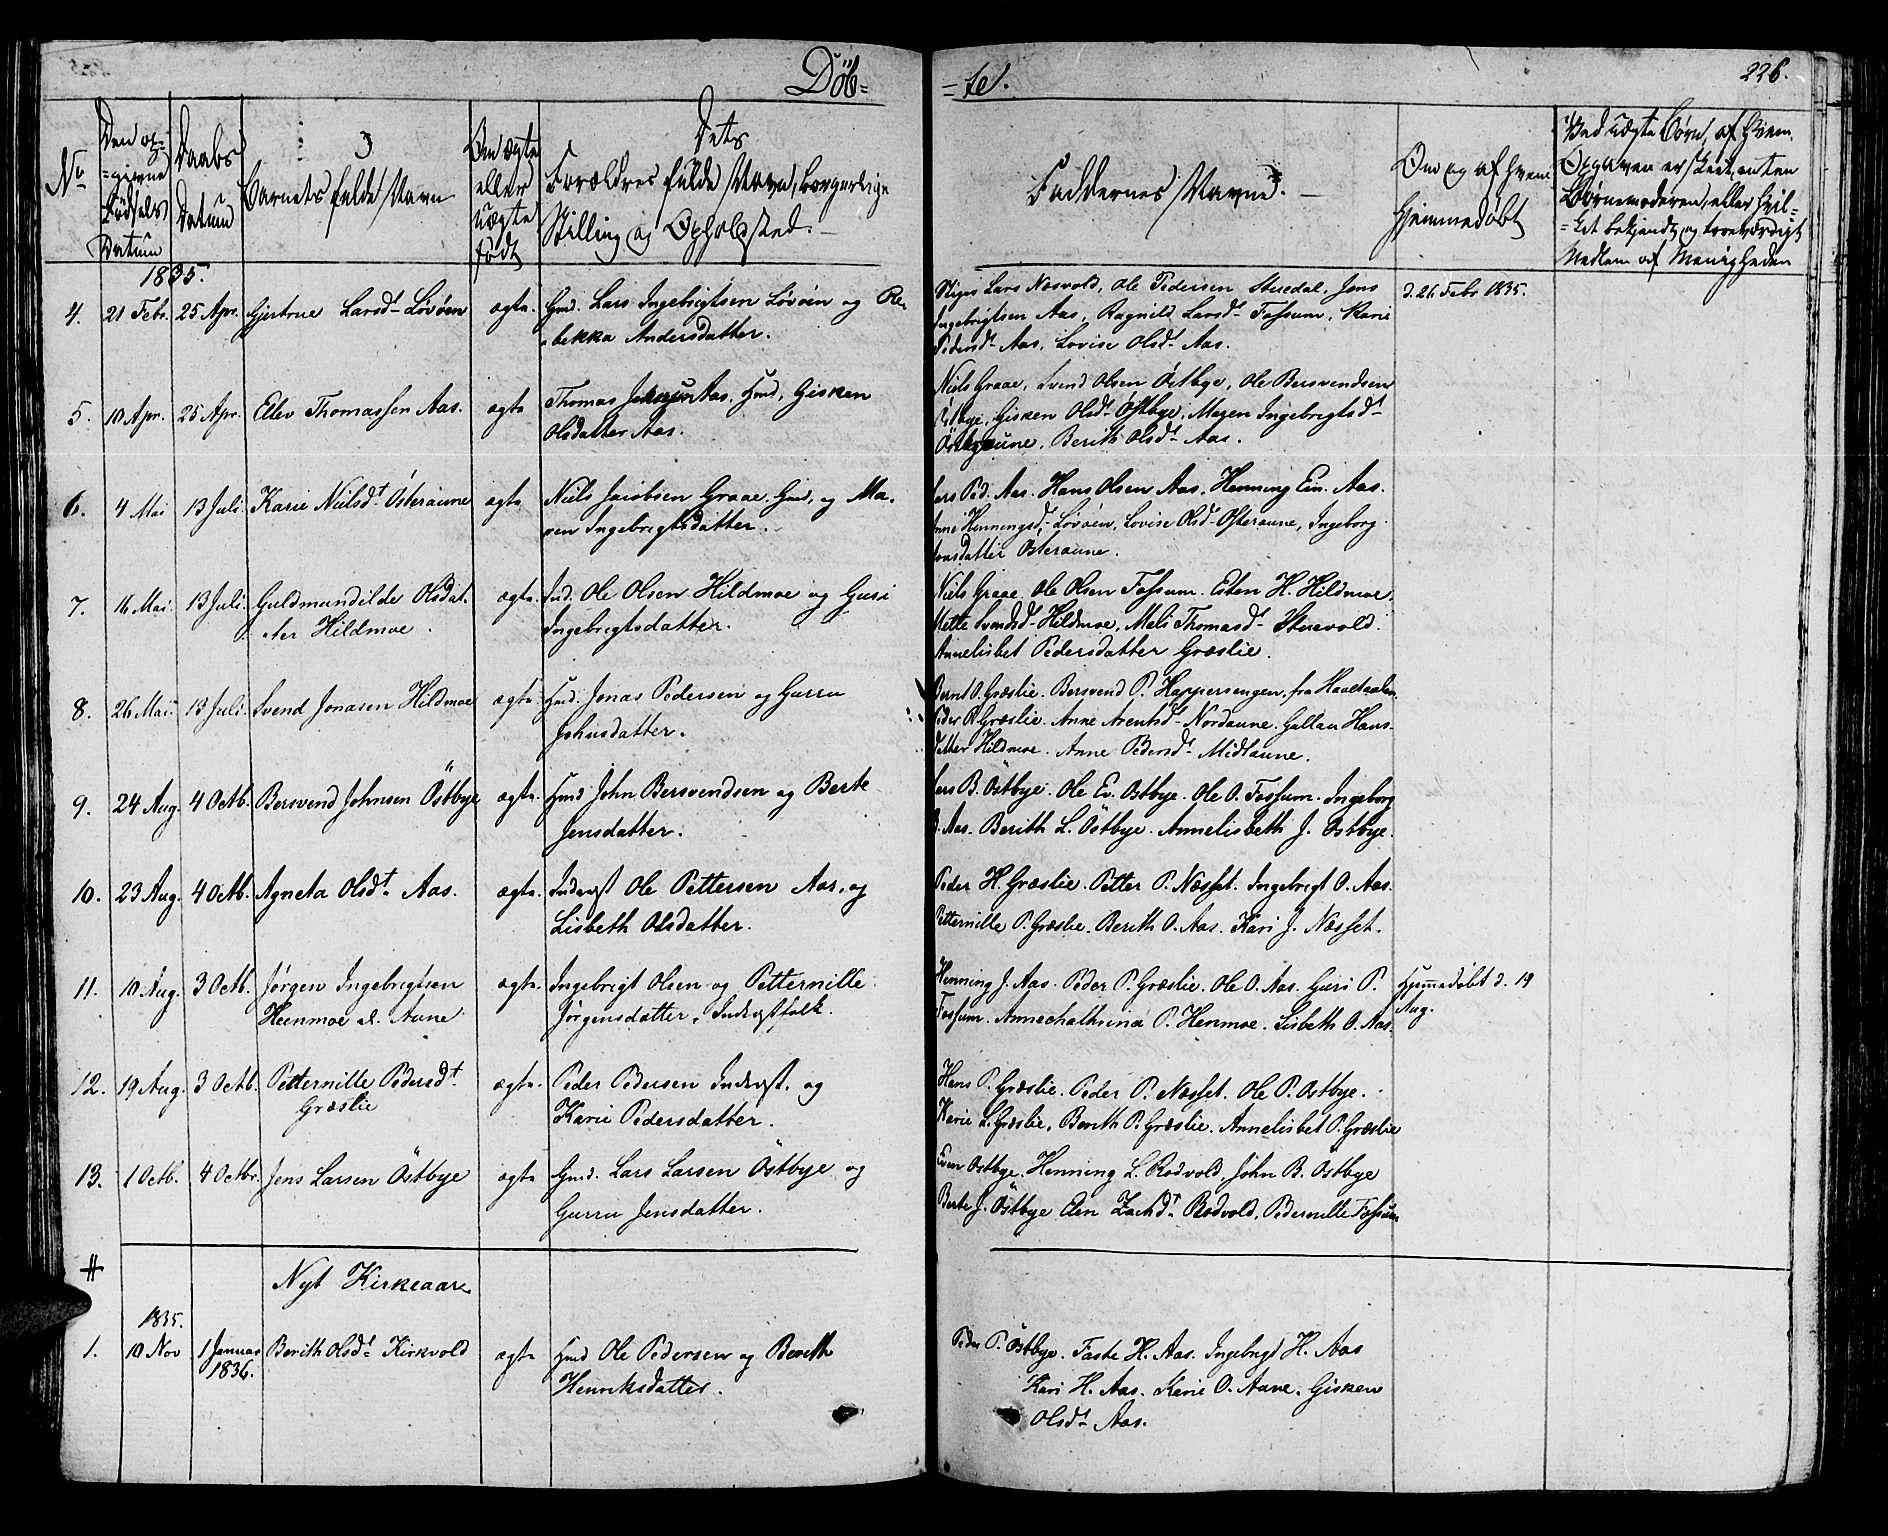 SAT, Ministerialprotokoller, klokkerbøker og fødselsregistre - Sør-Trøndelag, 695/L1144: Ministerialbok nr. 695A05 /2, 1824-1842, s. 226